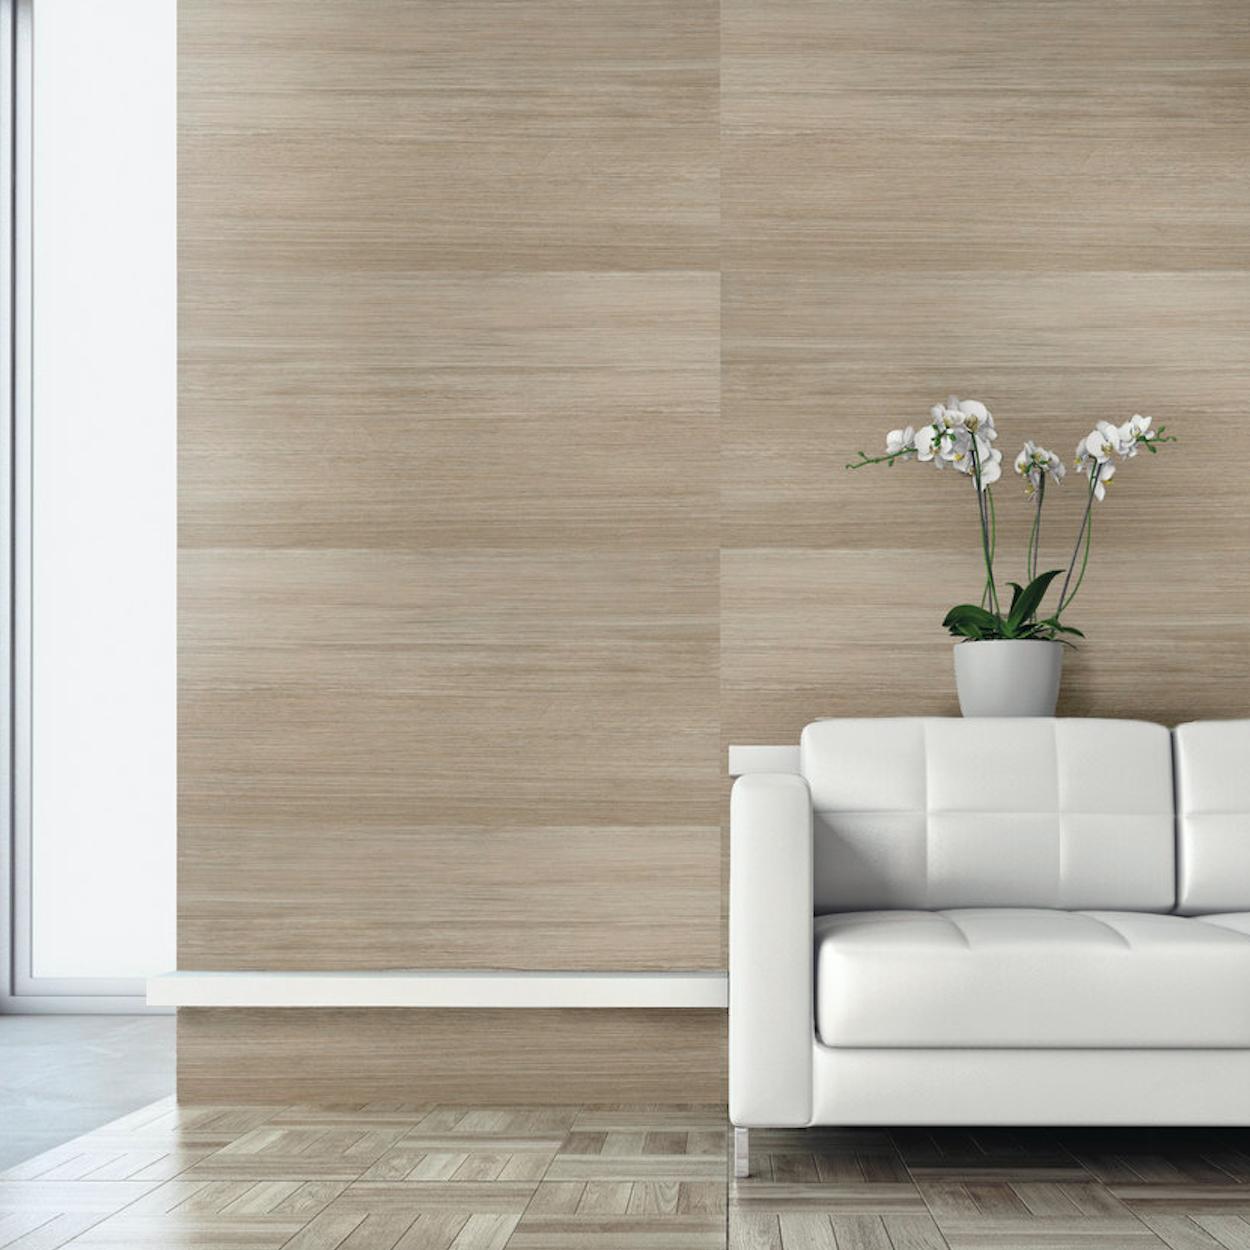 IRF Shen Essence Porcelain Tile Indoor Application